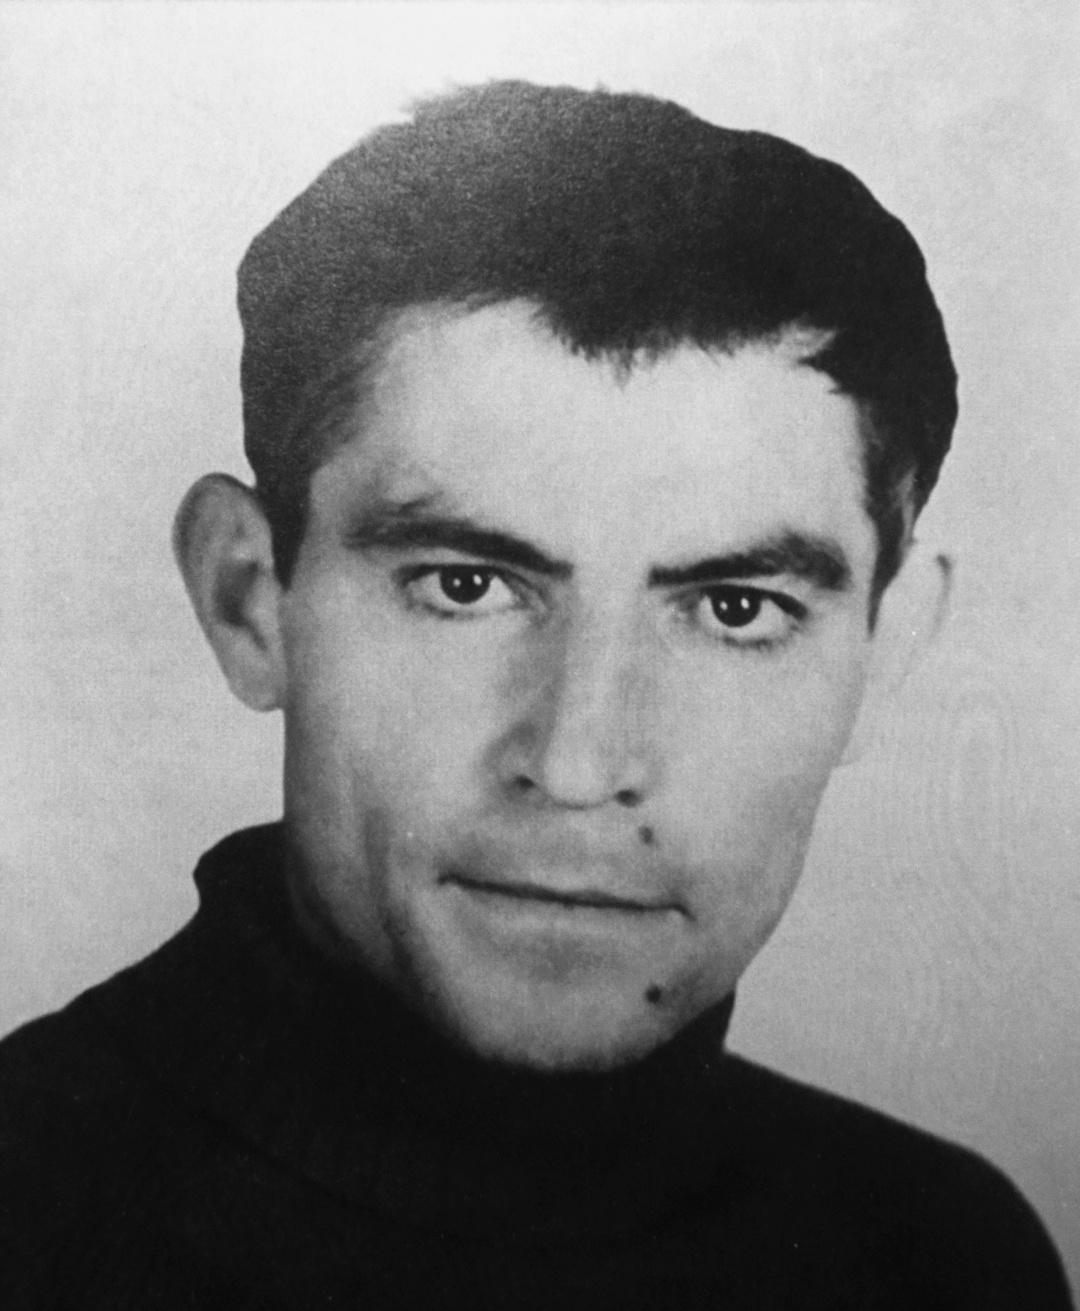 видатний український поет ХХ століття Василь Стус